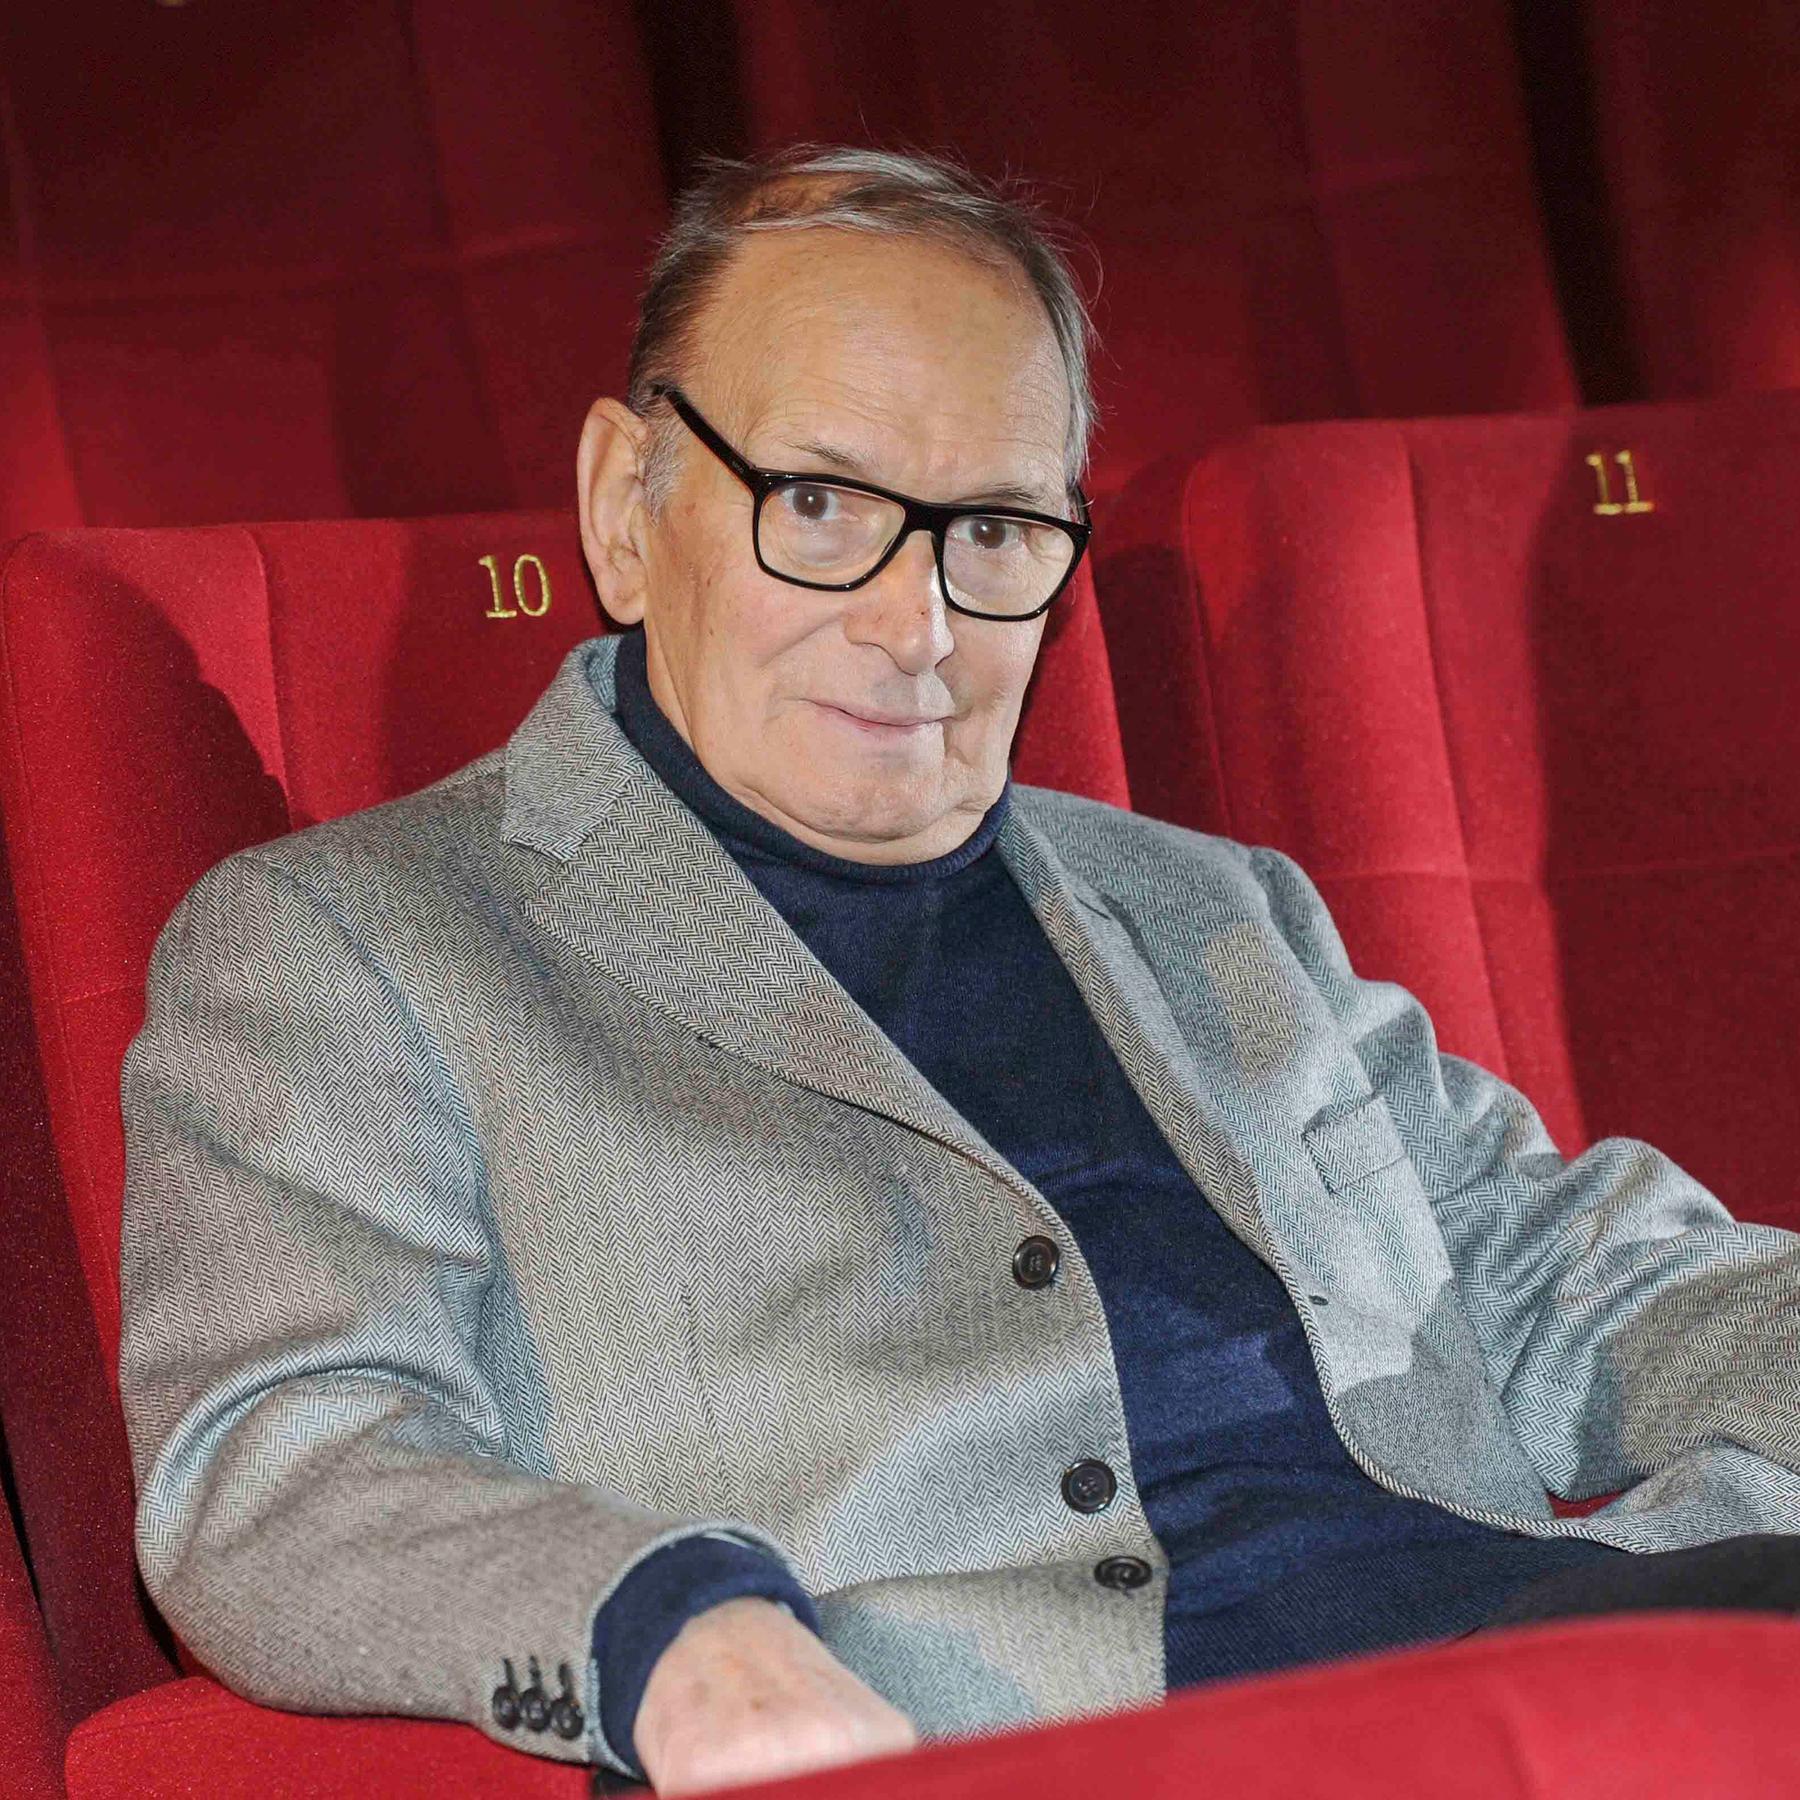 Ennio Morricone - Meister der Filmmusik